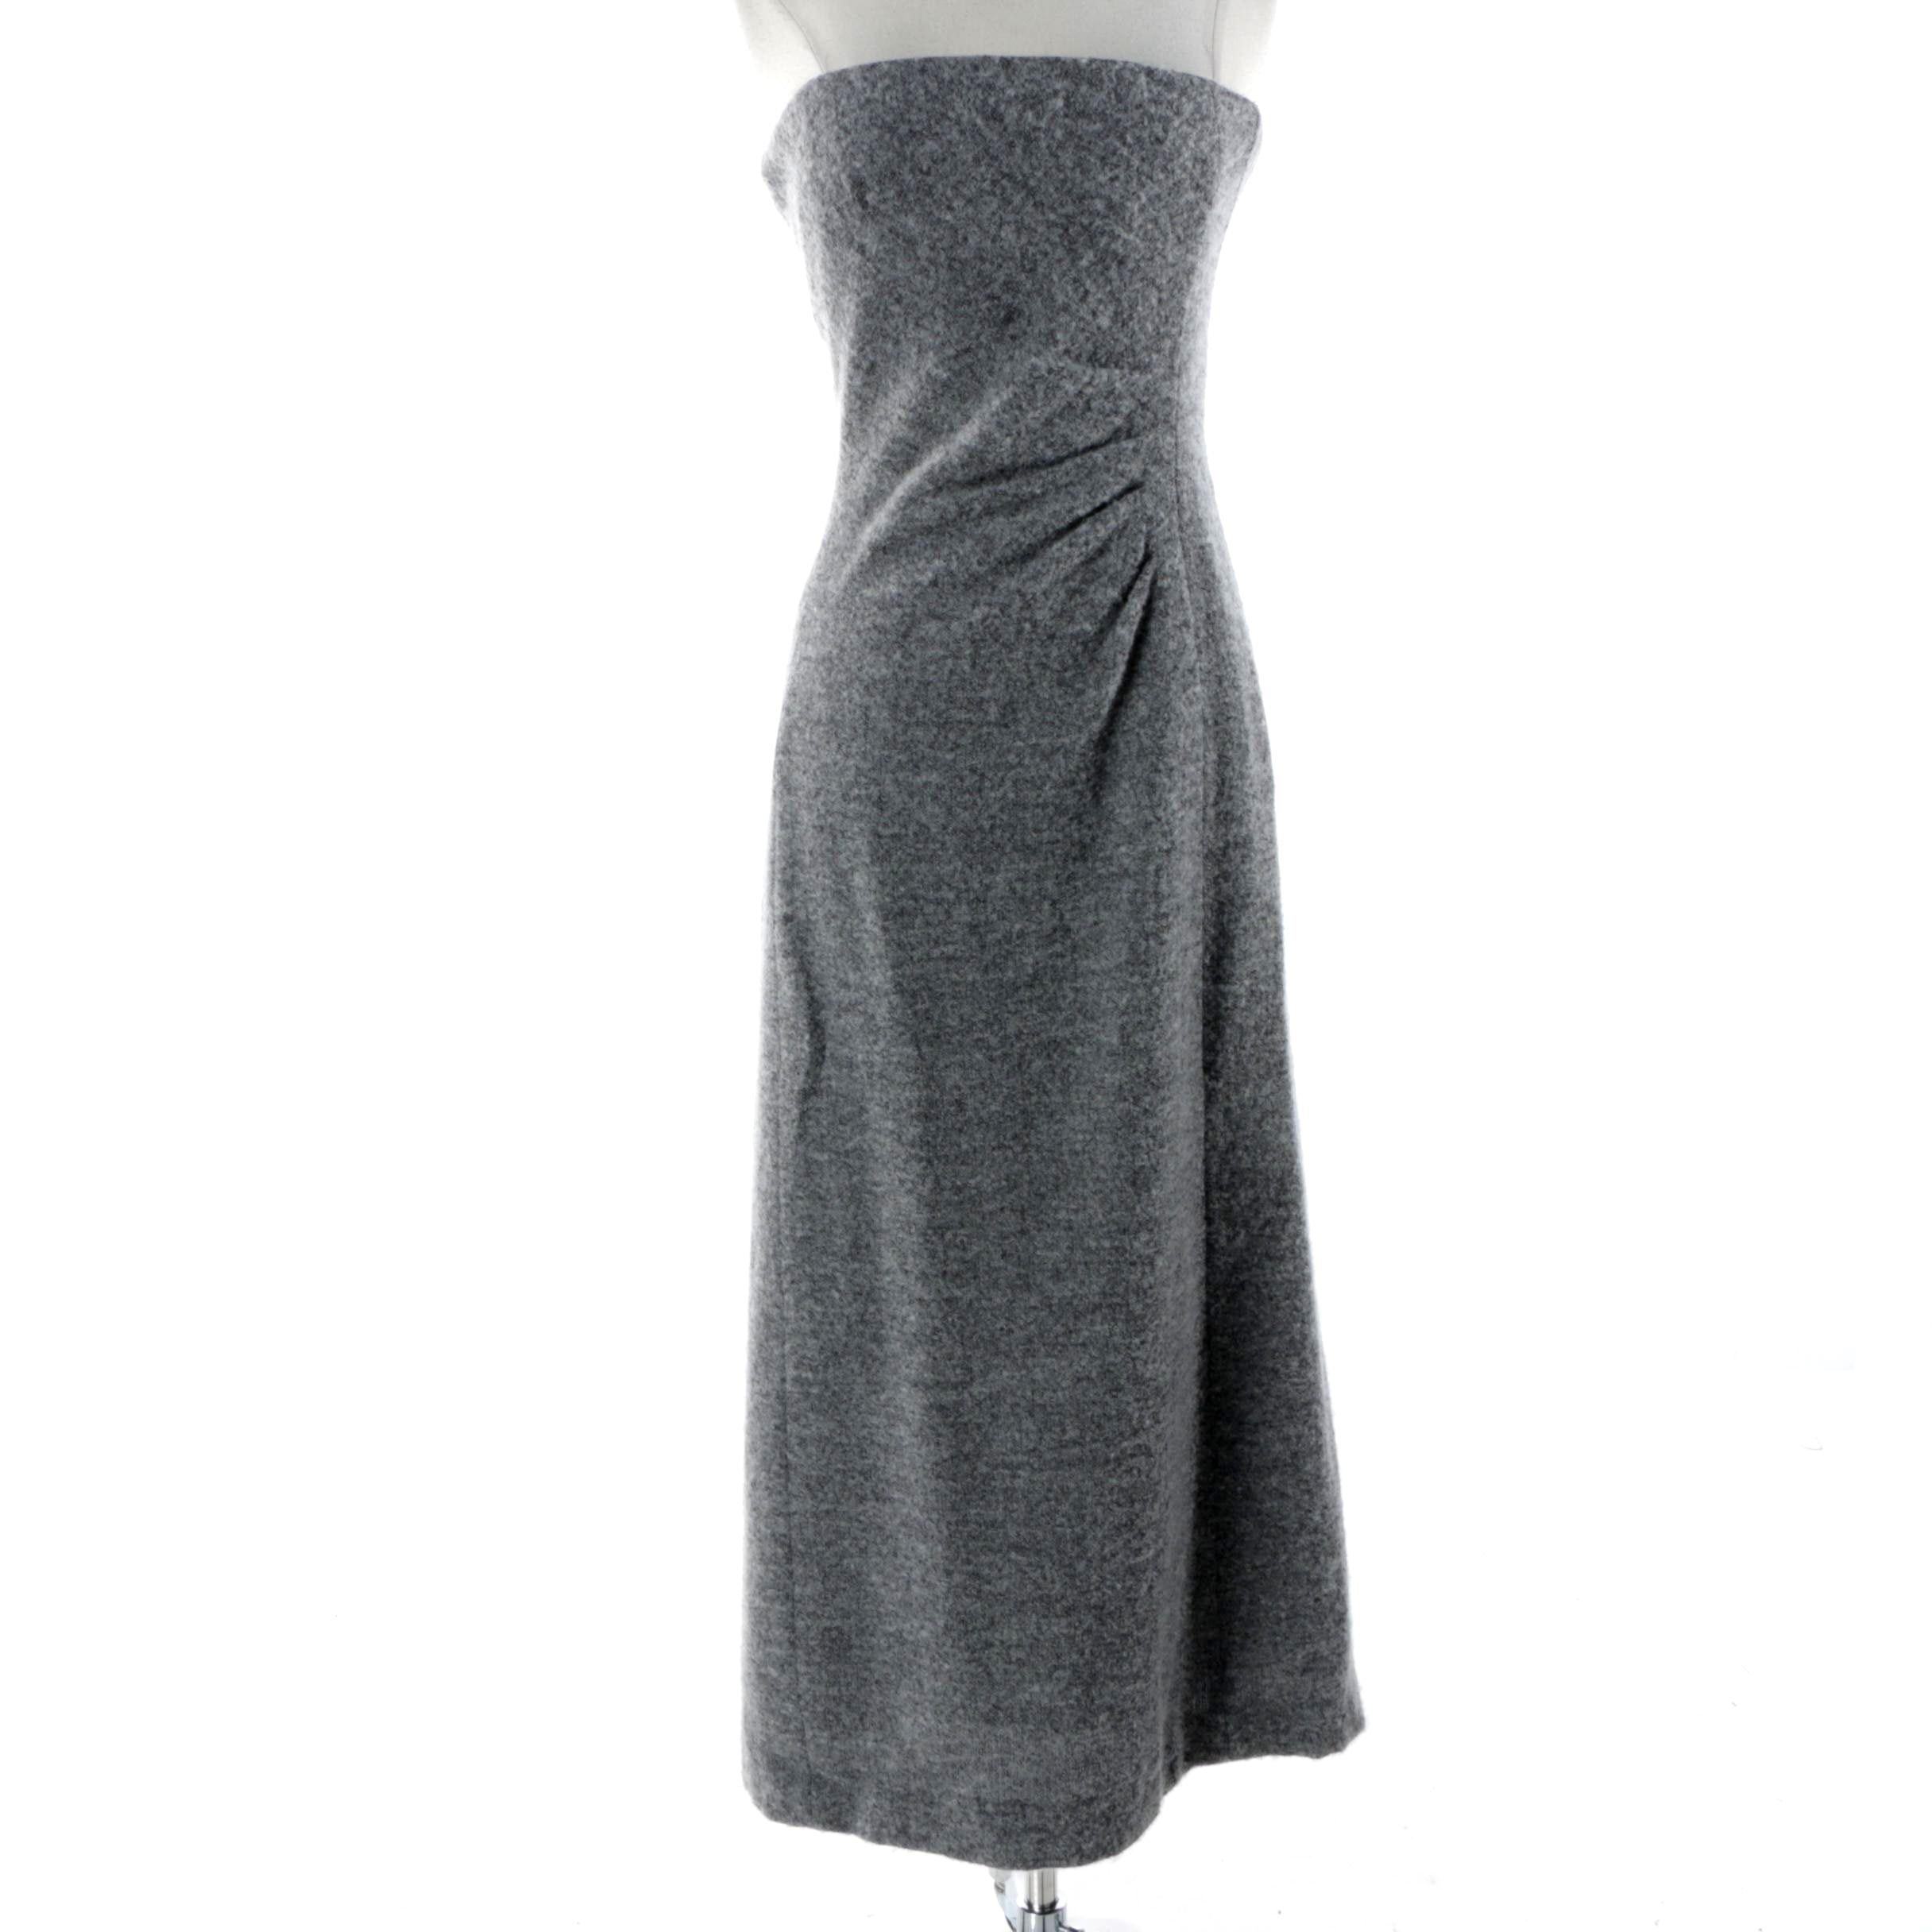 Giorgio Armani Le Collezioni Grey Wool Blend Strapless Dress